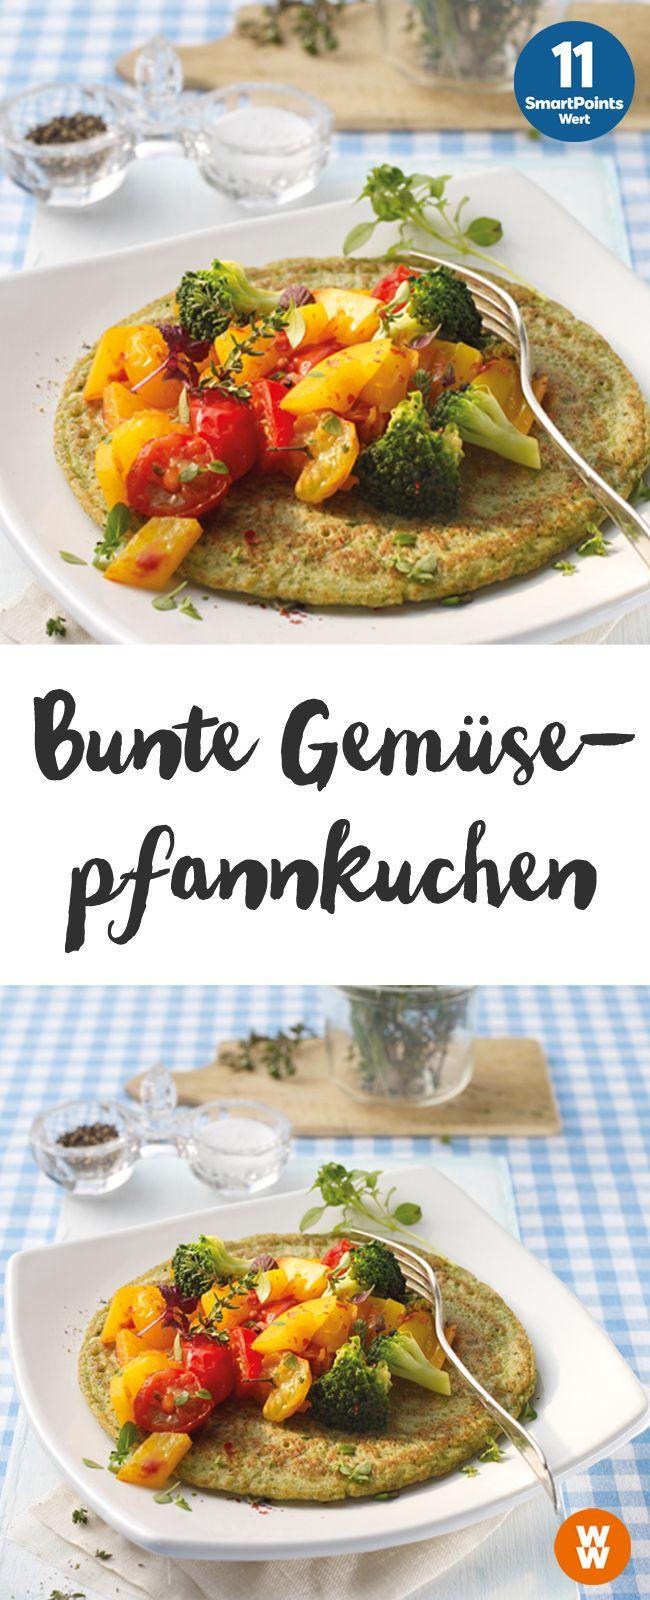 Bunte Gemusepfannkuchen Rezept Gemusepfannkuchen Rezepte Und Portionen